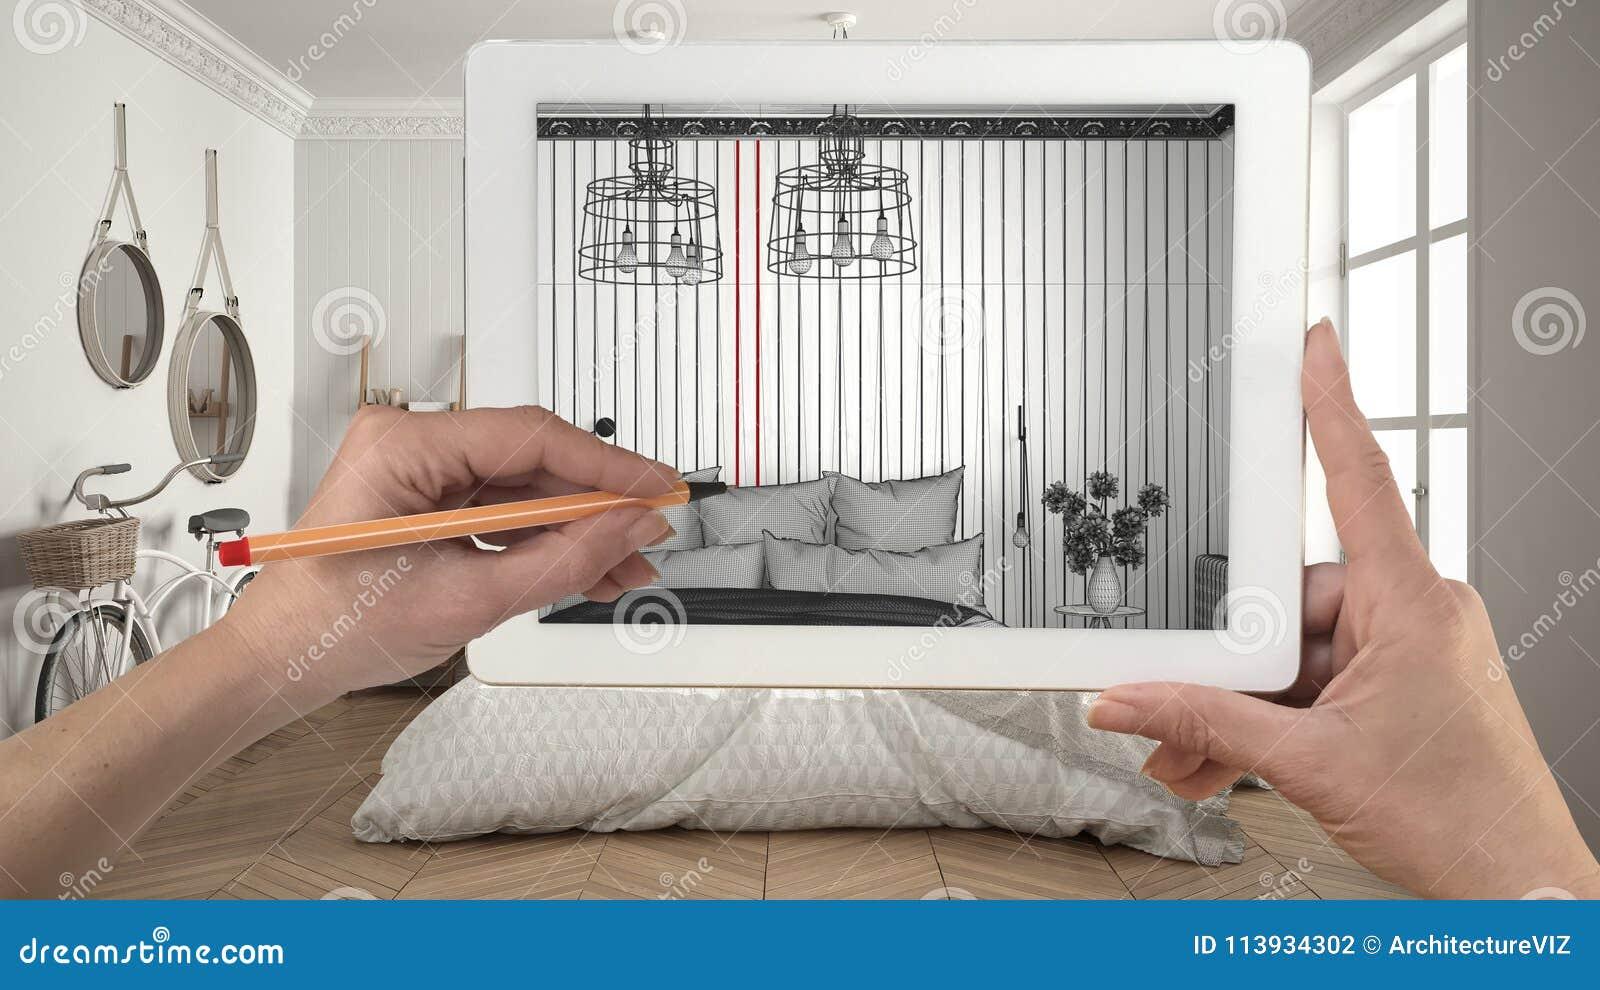 Hände, Die Auf Die Tablette Zeigt Modernes Schlafzimmer Sketc Halten ...